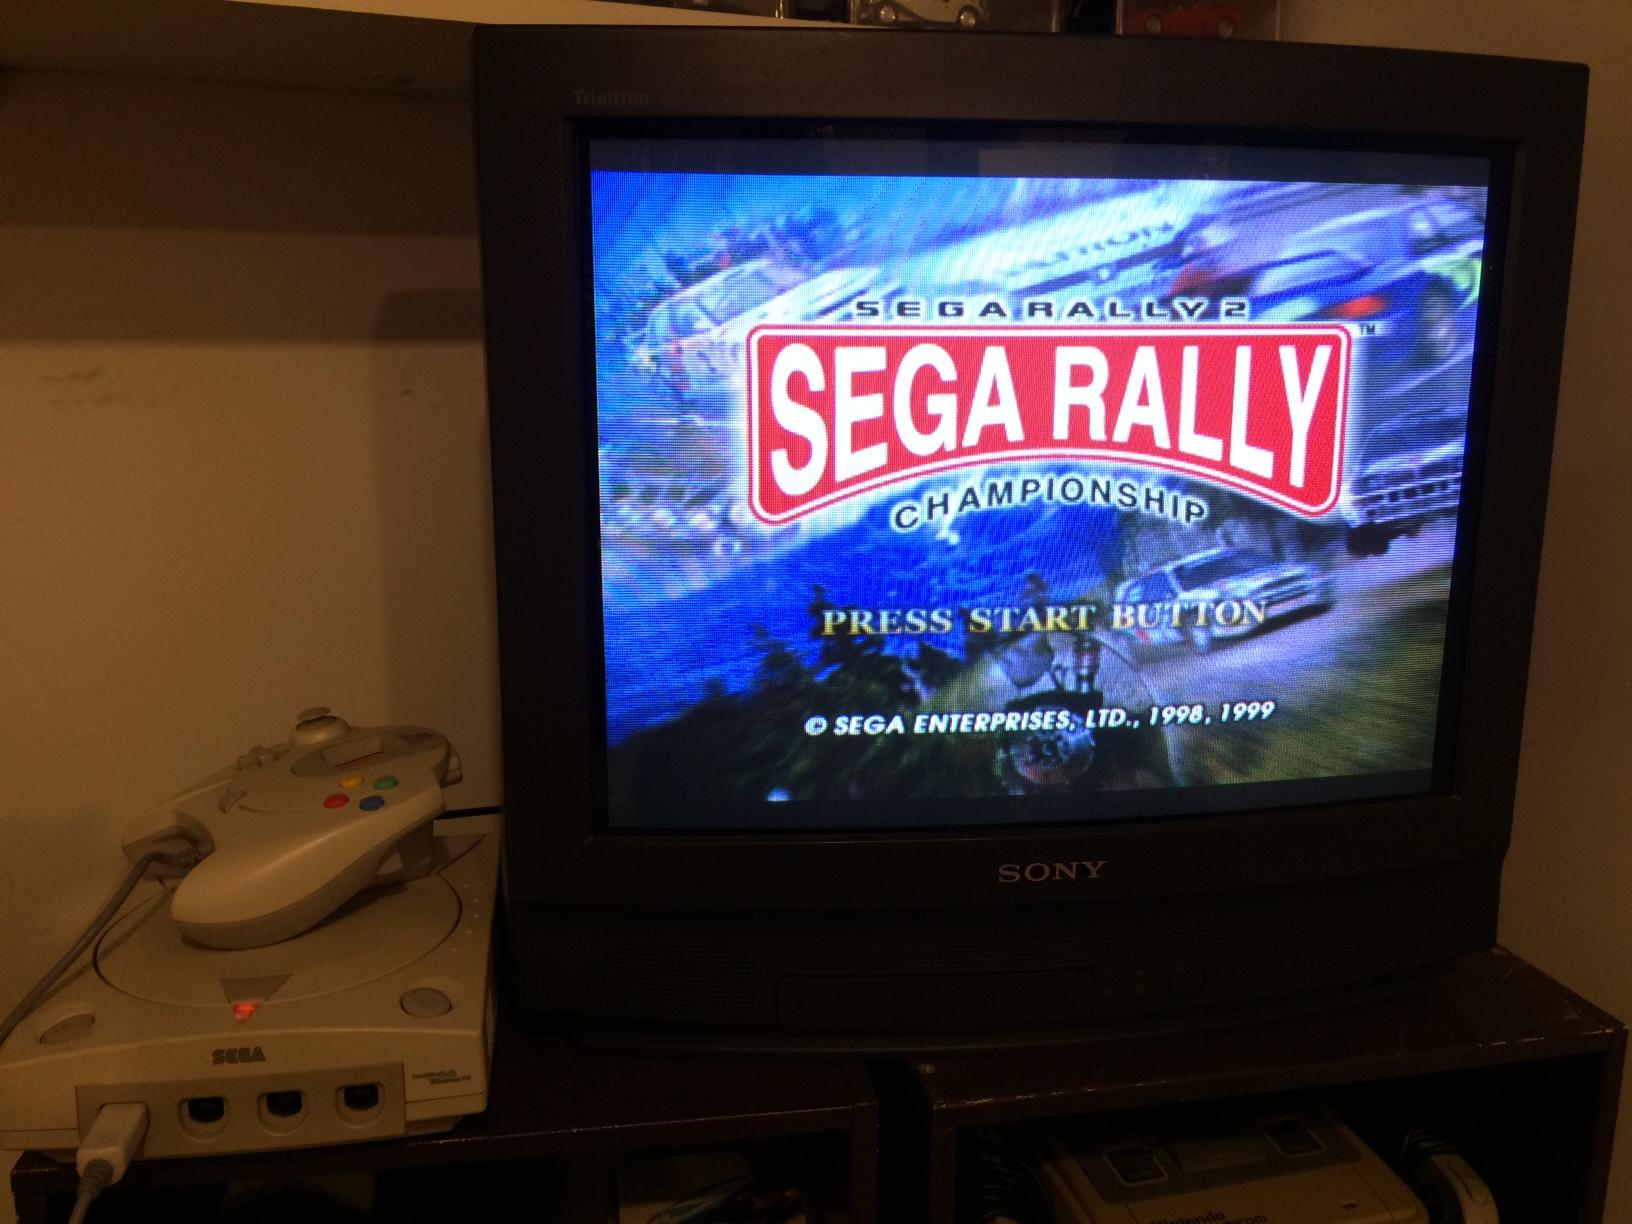 [VDS] Sega Dreamcast avec manettes et jeux 181014014850170917